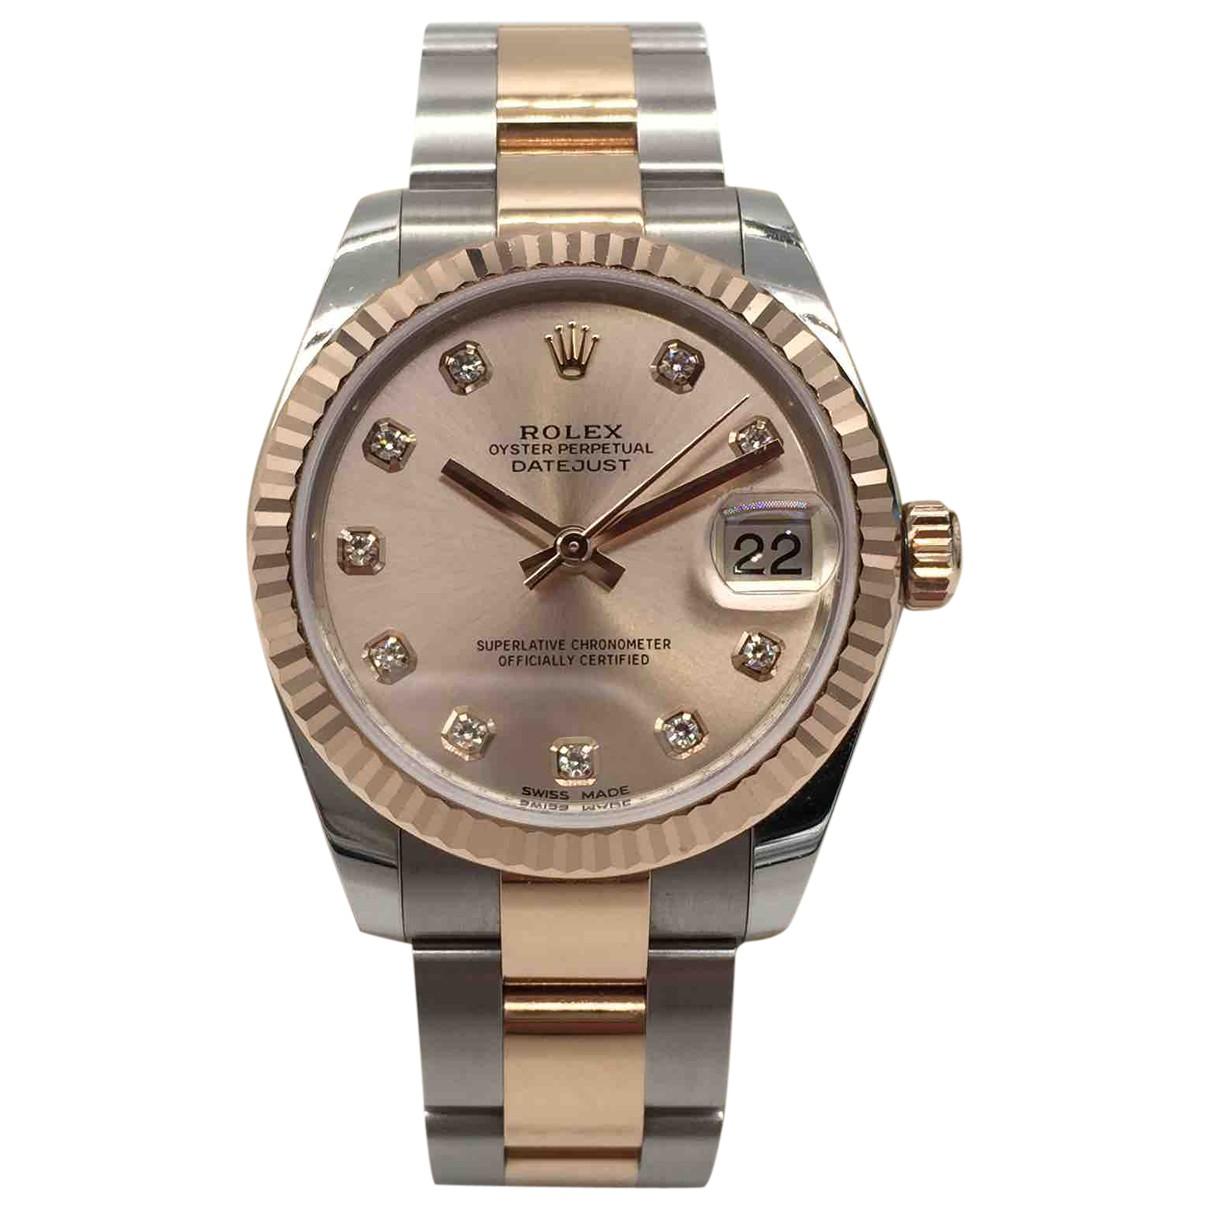 Rolex Datejust 31mm Uhr in Gold und Stahl